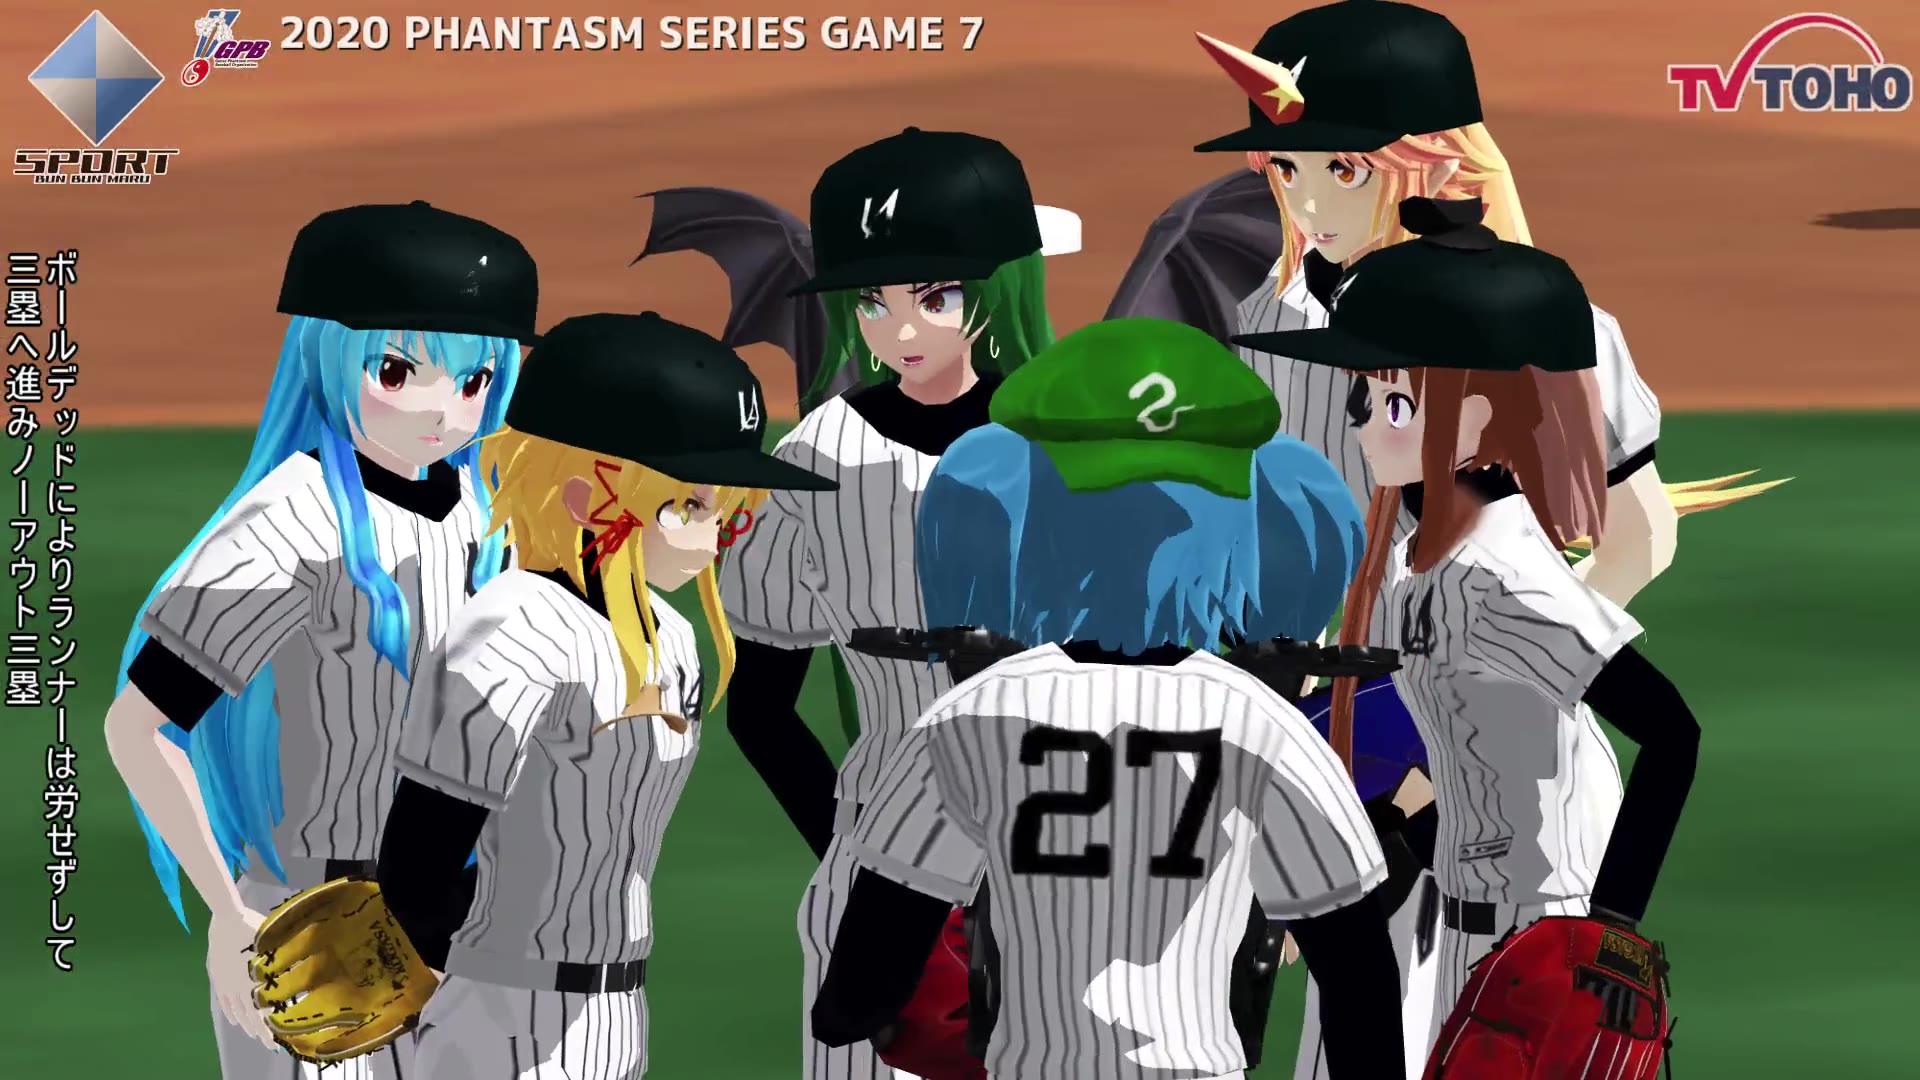 【第12回东方NICO童祭】幻想式棒球【东方MMD动作】